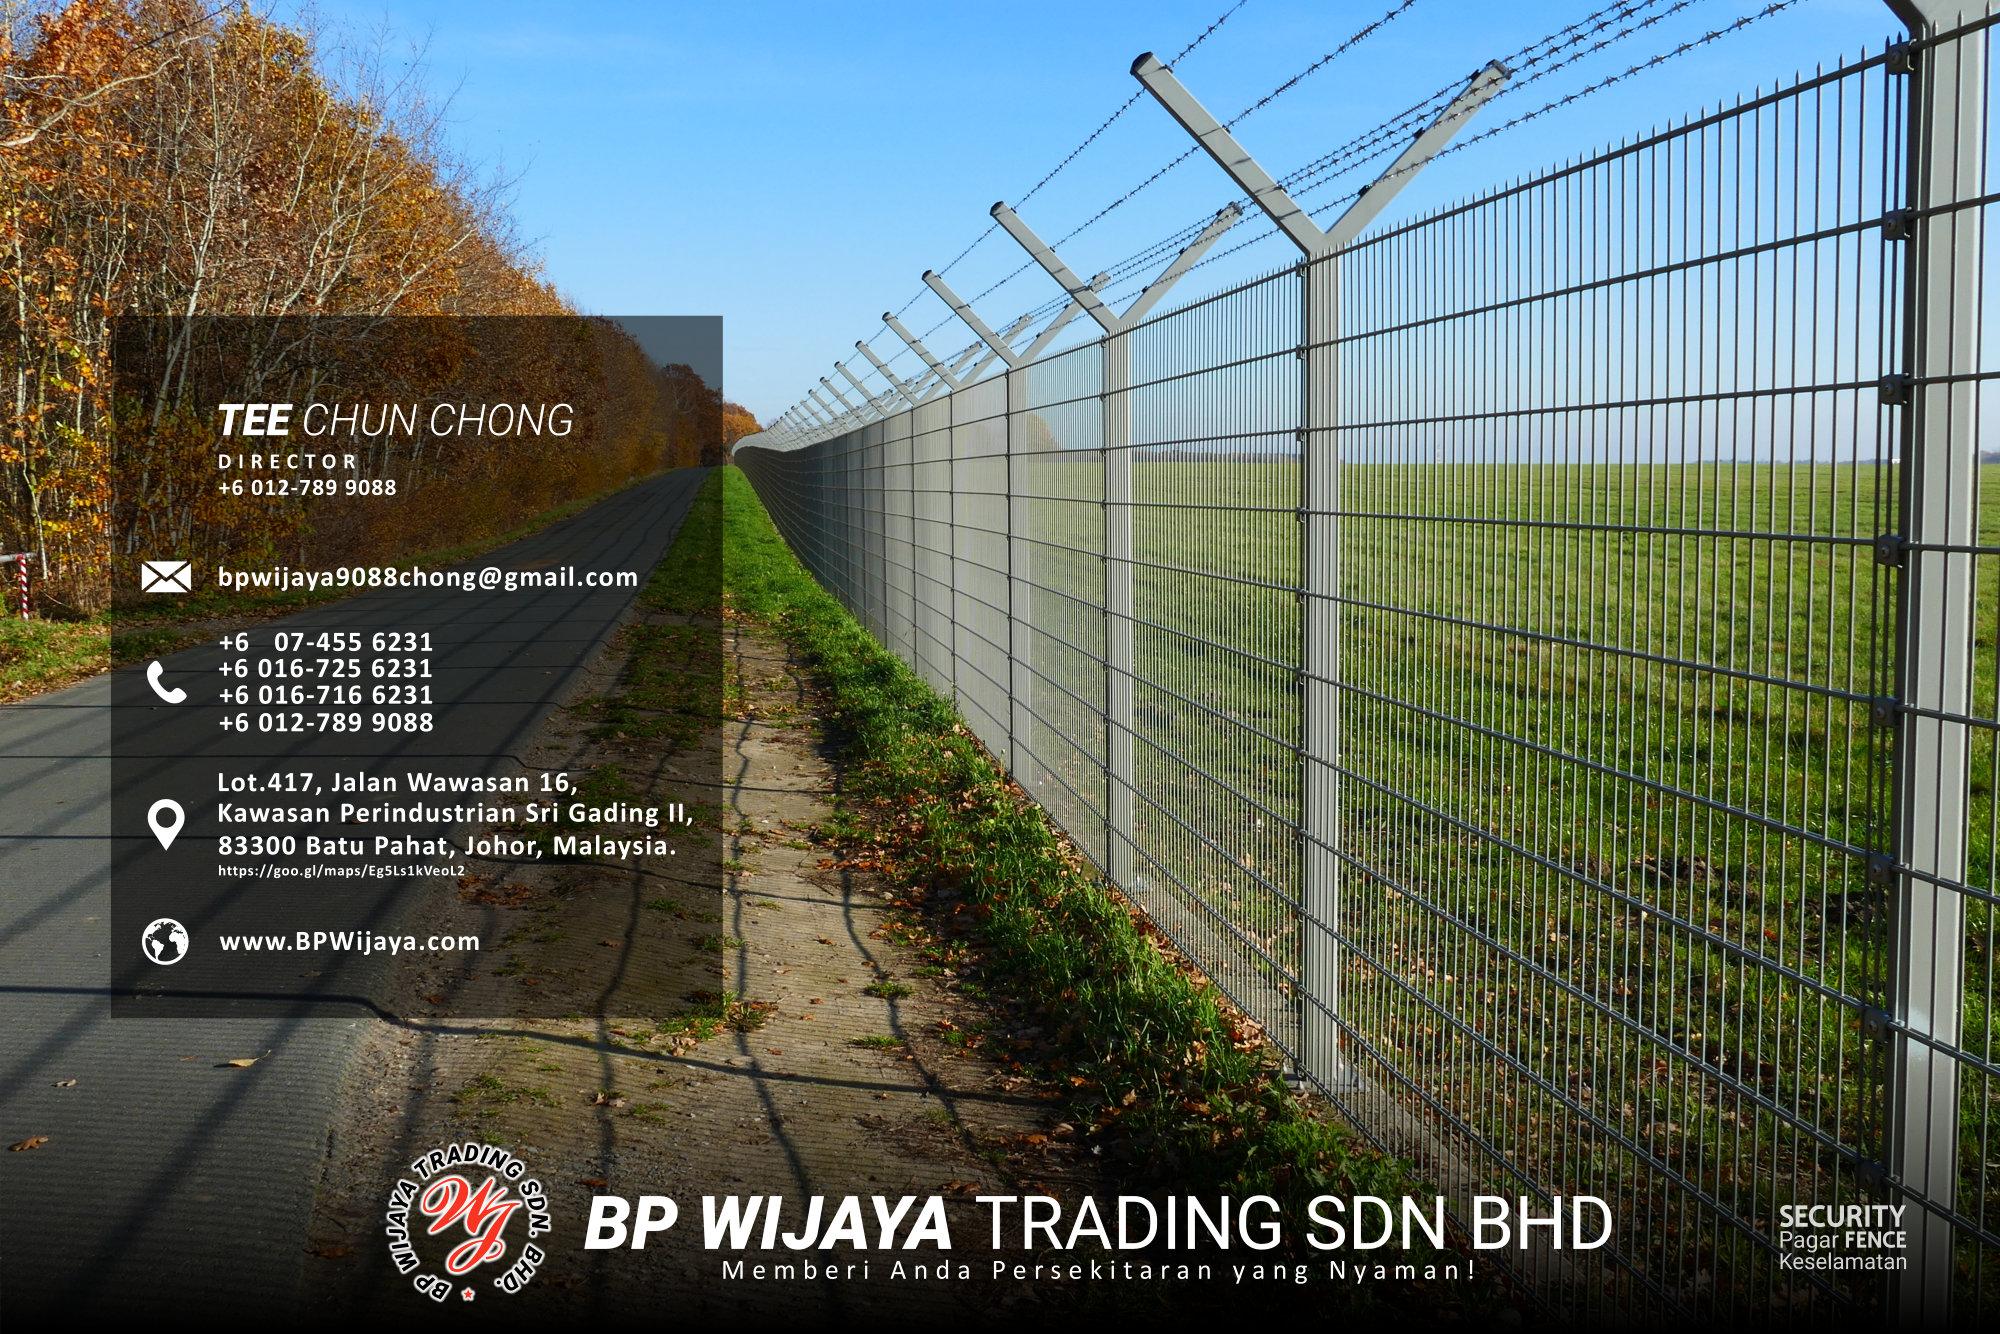 Pembekal Kuala Lumpur Pagar Keselamatan kami merupakan pengilang pagar keselamatan BP Wijaya Trading Sdn Bhd Pagar Taman Pagar Bangunan Pagar Kilang Pagar Rumah Pemborong Pagar Keselamatan A03-002